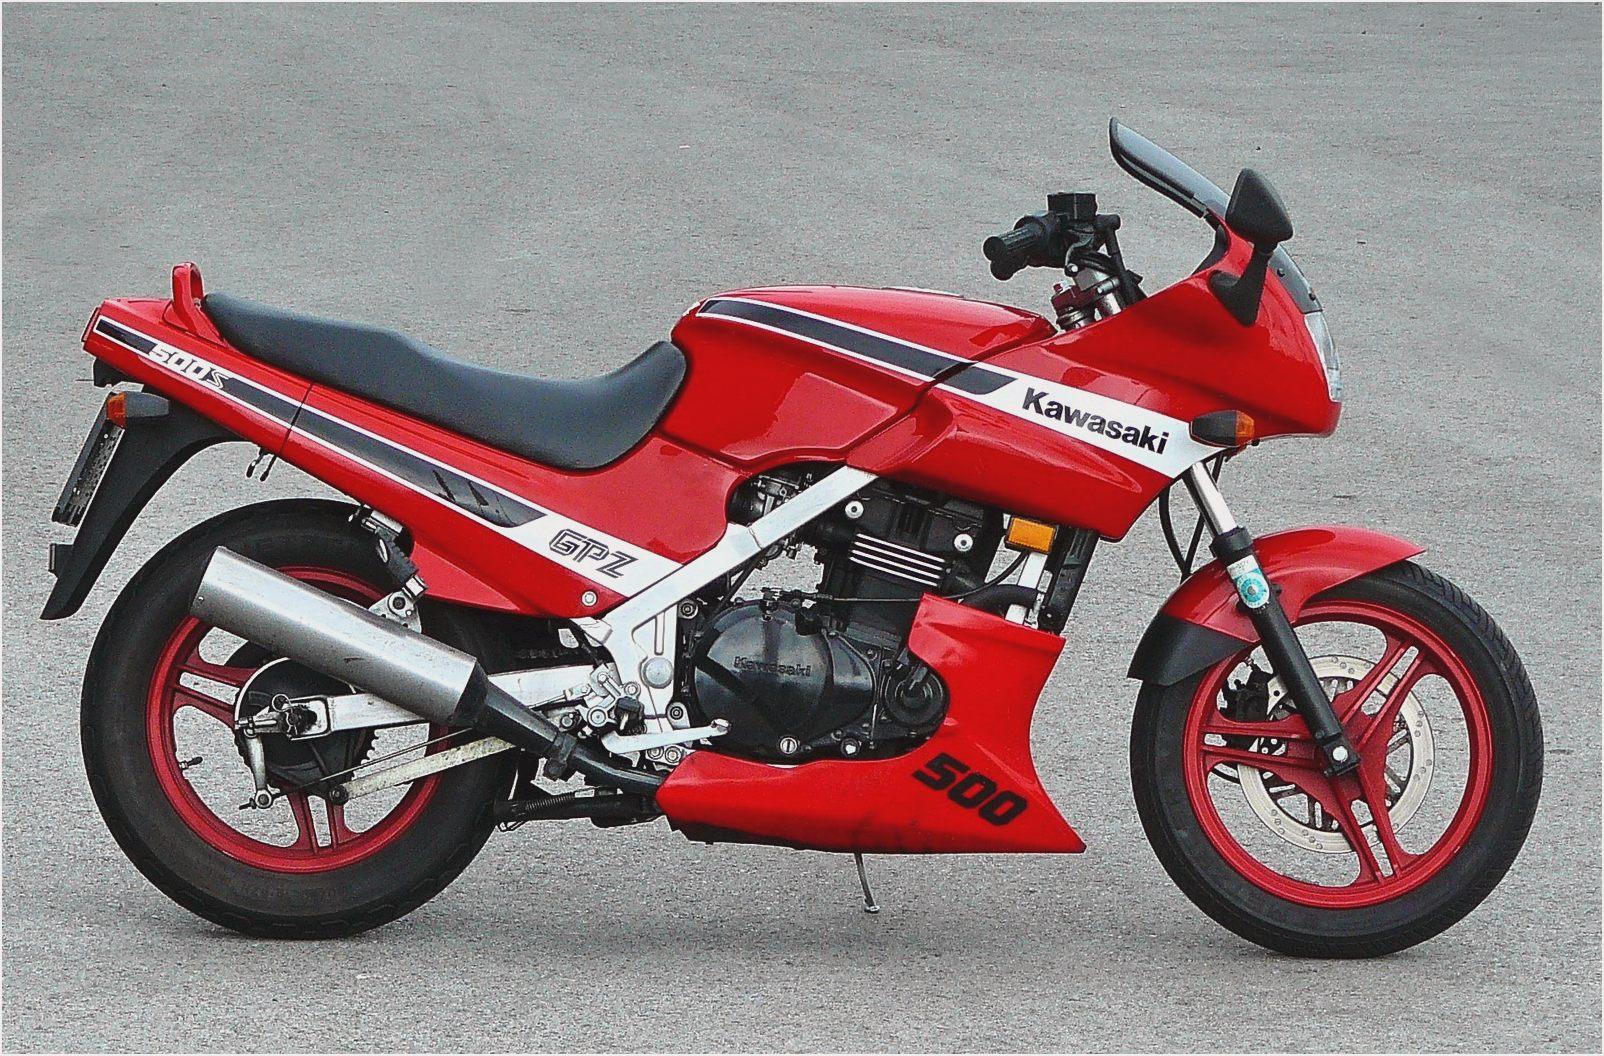 Mans jaunais nākotnes braucamais kawasaki GPZ500s - Page 2 Kawasaki-gpz500s-review-kawasaki-gpz-500-what-a_1